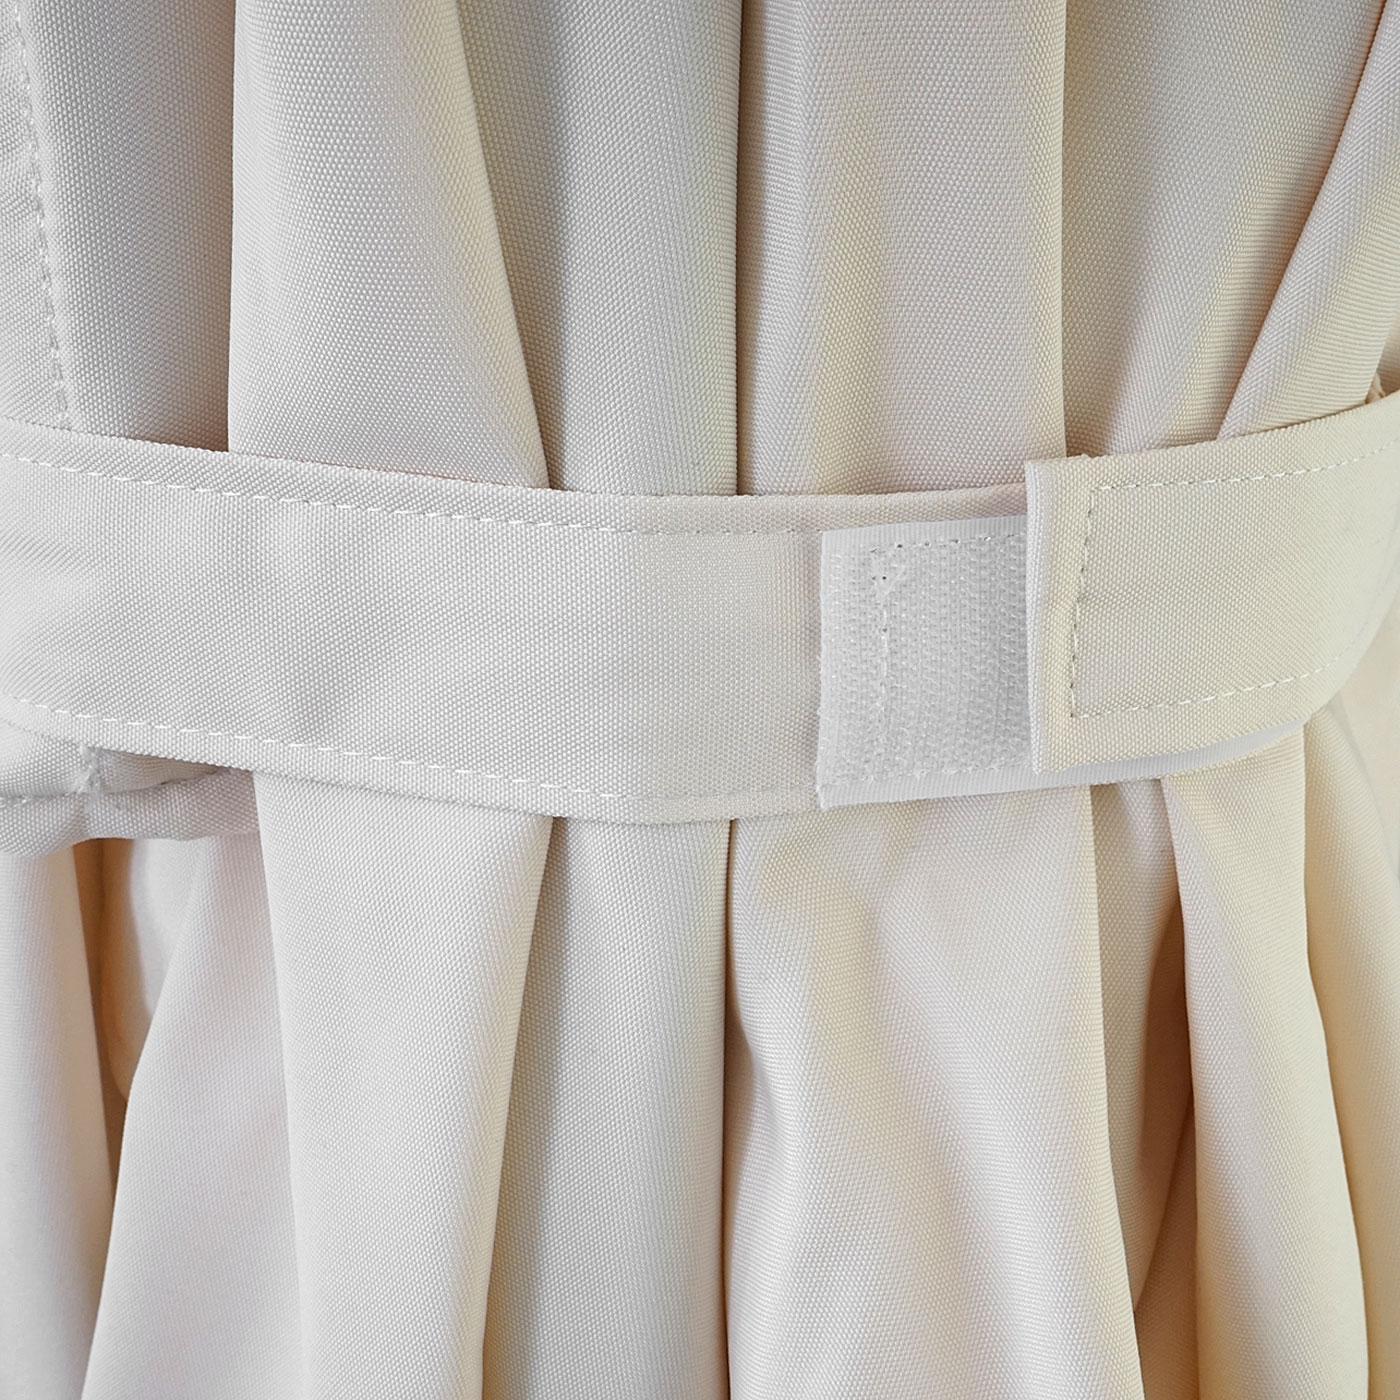 luxus sonnenschirm marktschirm gartenschirm 3x3m 4 24m polyester alu 10kg creme ohne. Black Bedroom Furniture Sets. Home Design Ideas